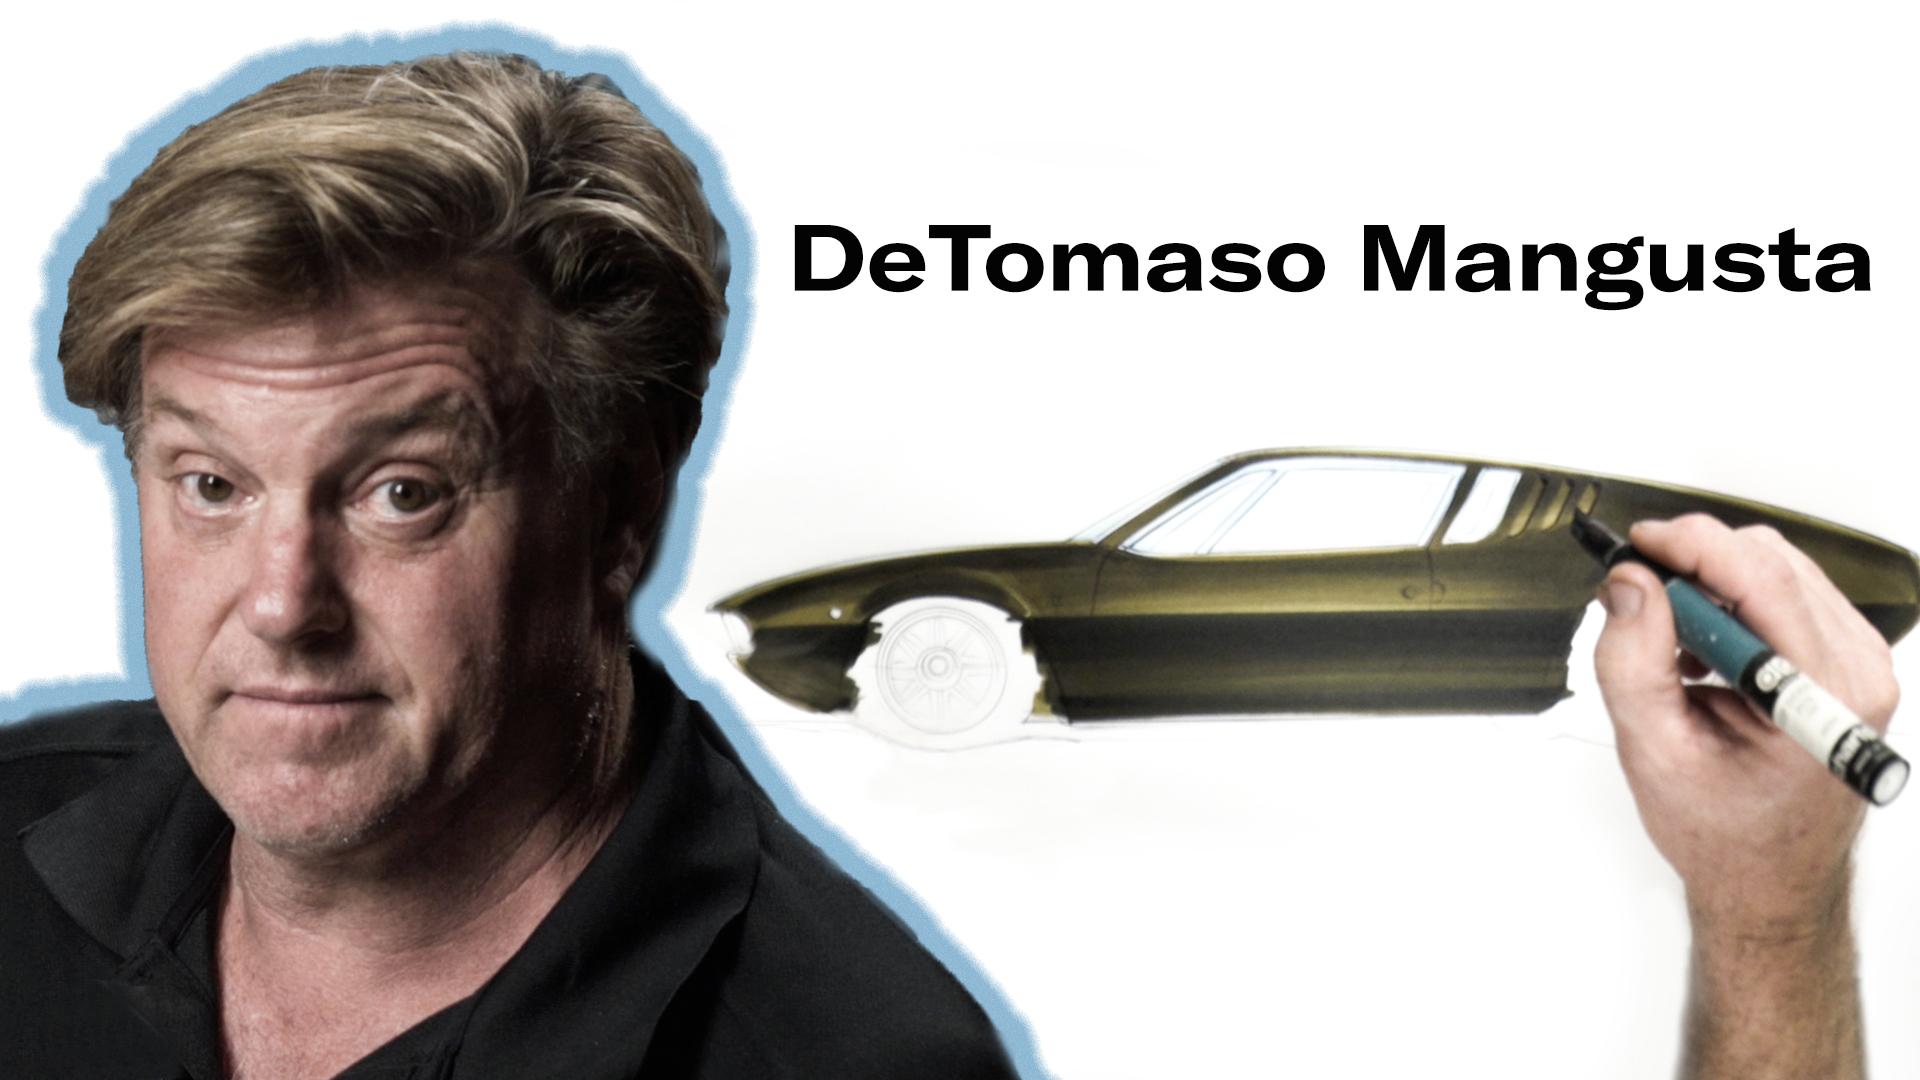 Chip Foose draws a Detomaso Mangusta